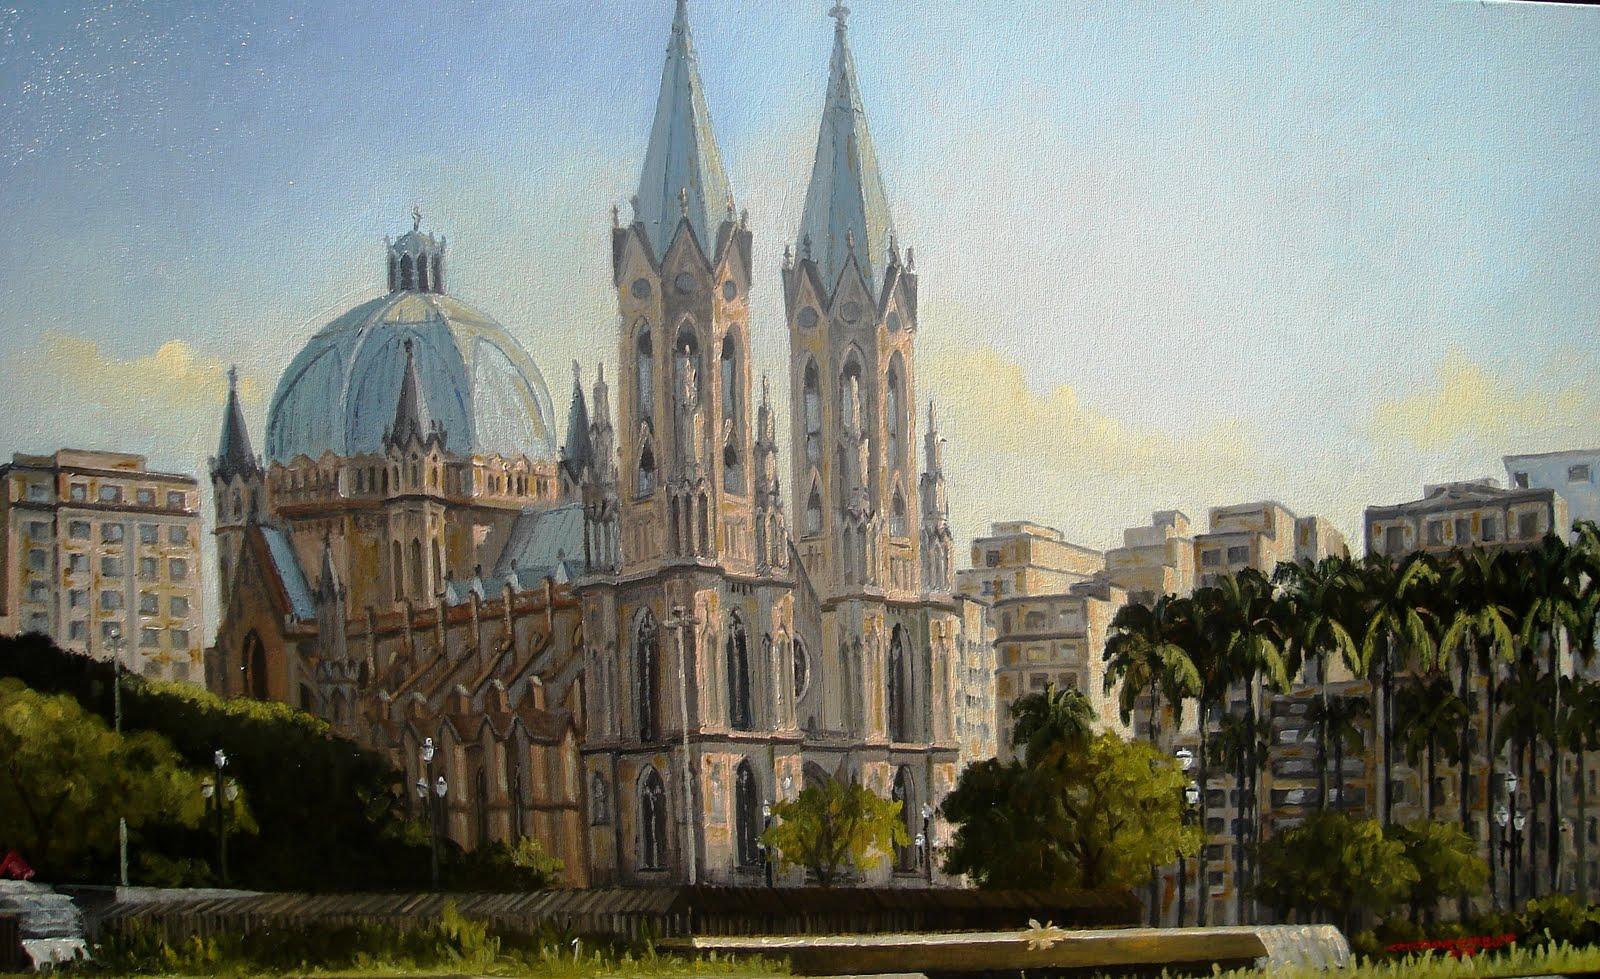 Catedral da sé (2011)